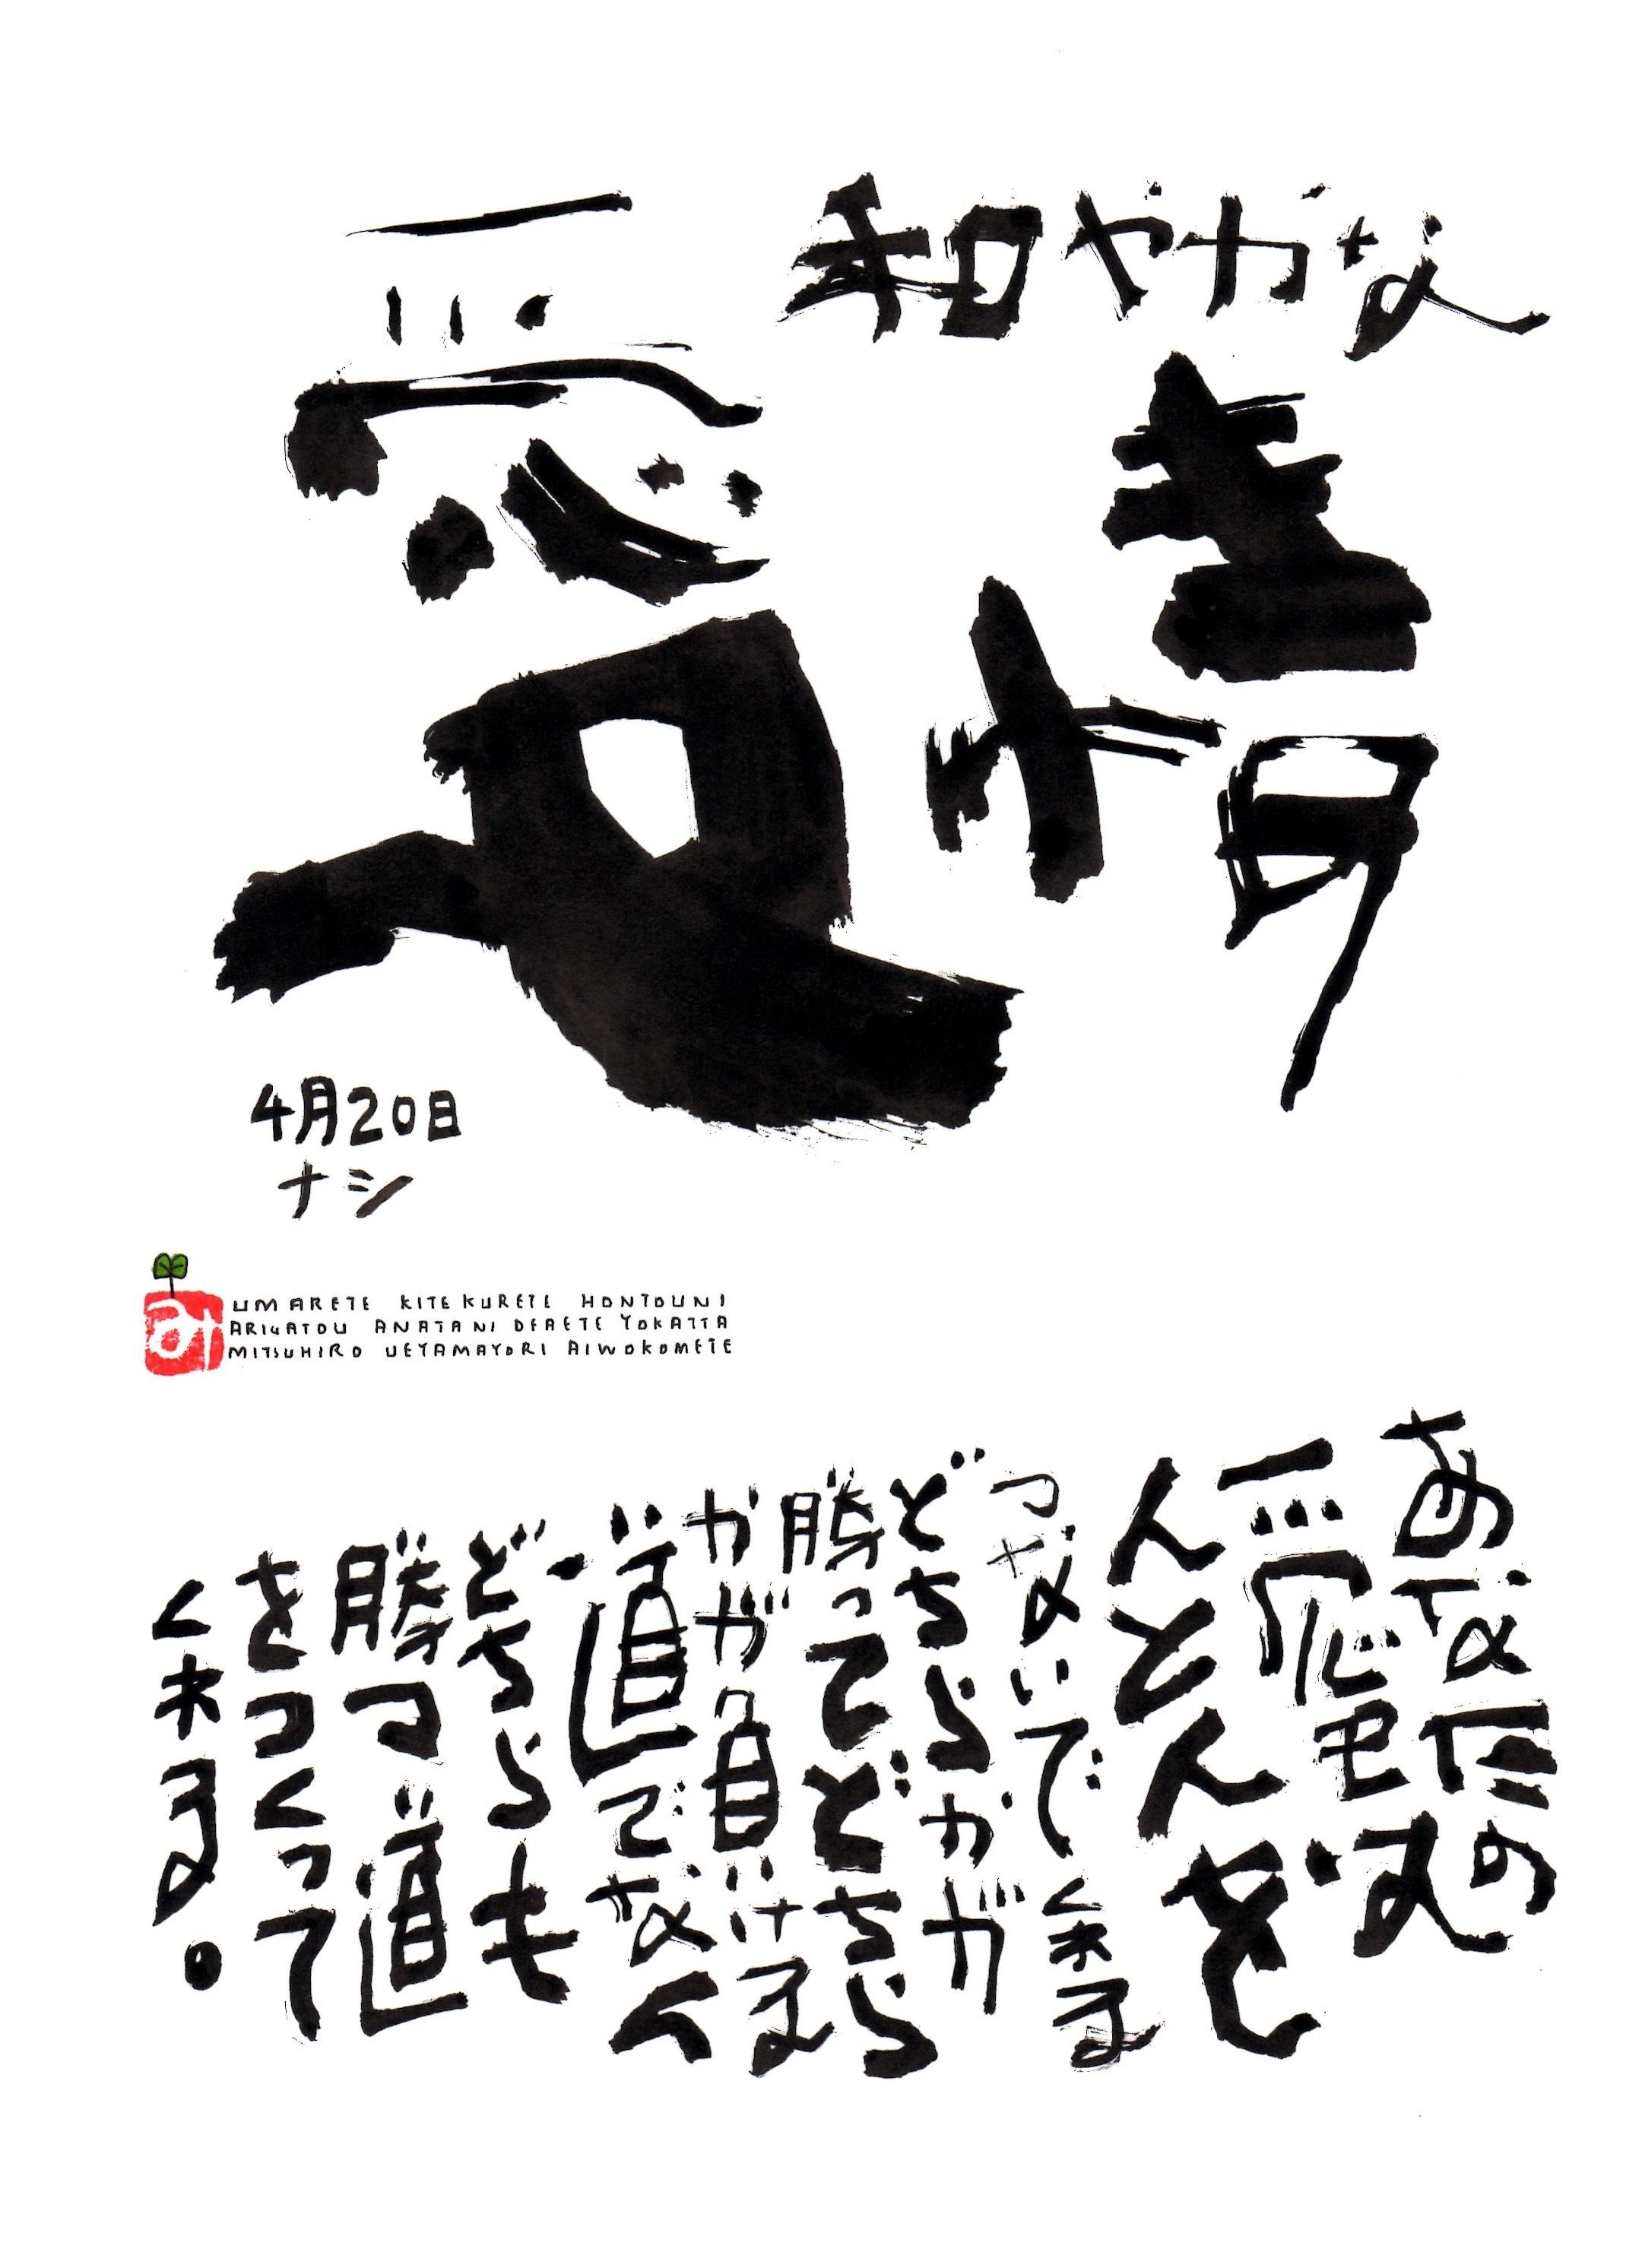 4月20日 誕生日ポストカード【和やかな愛情】Peaceful affection